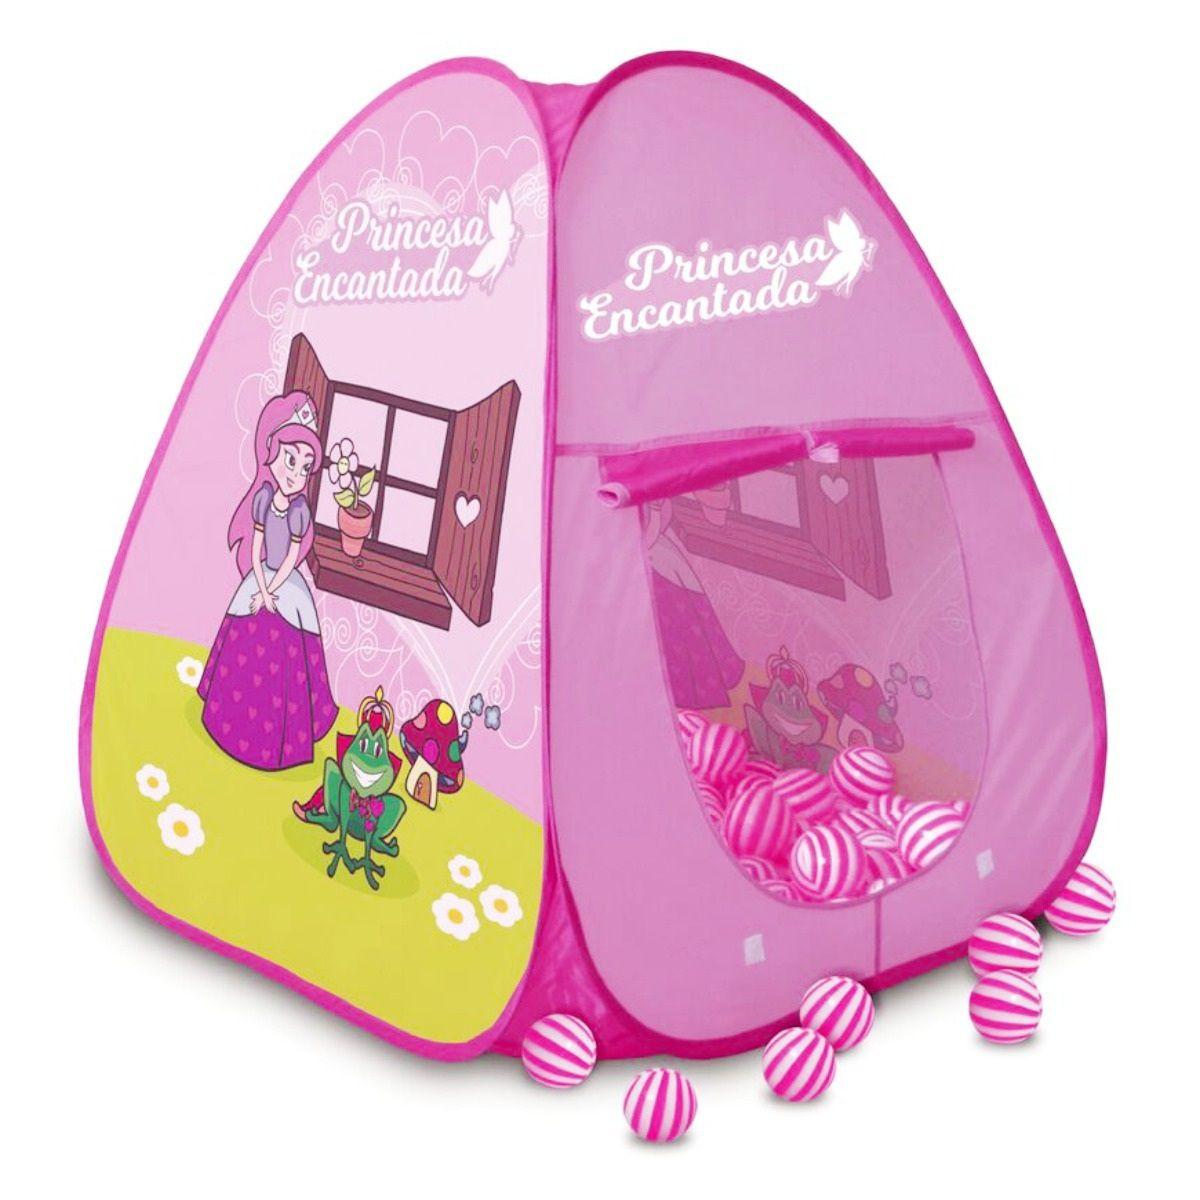 Barraca Infantil Princesa Encantada com 100 Bolinhas Multicoloridas- Pica Pau